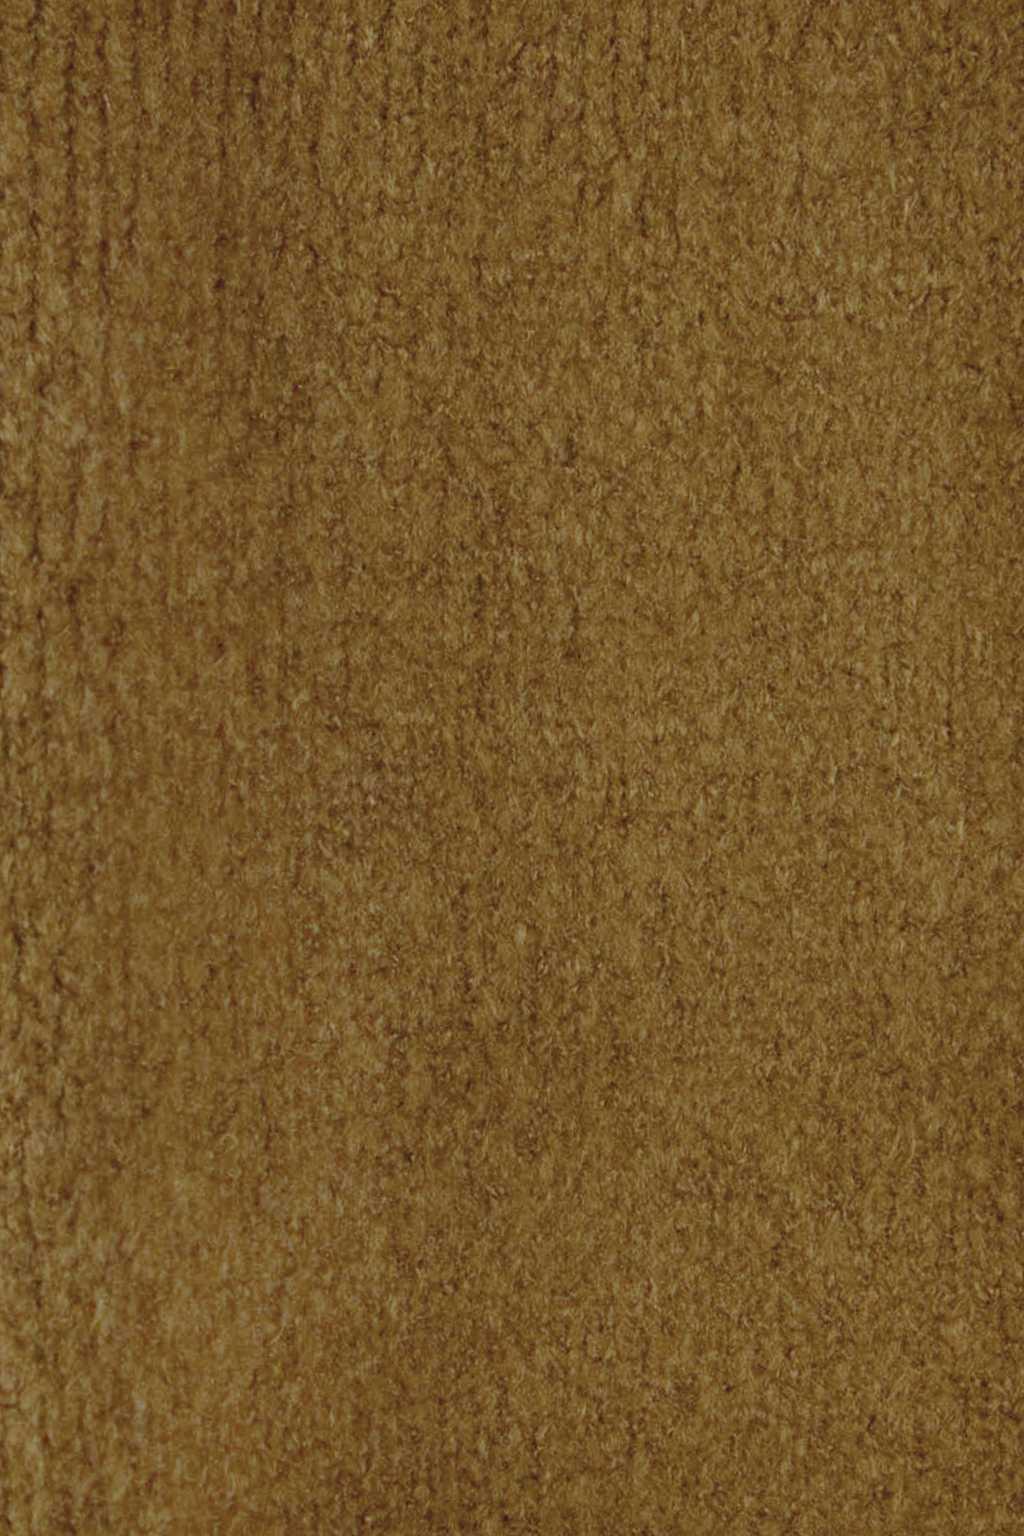 Cardigan 1553 Brown 8